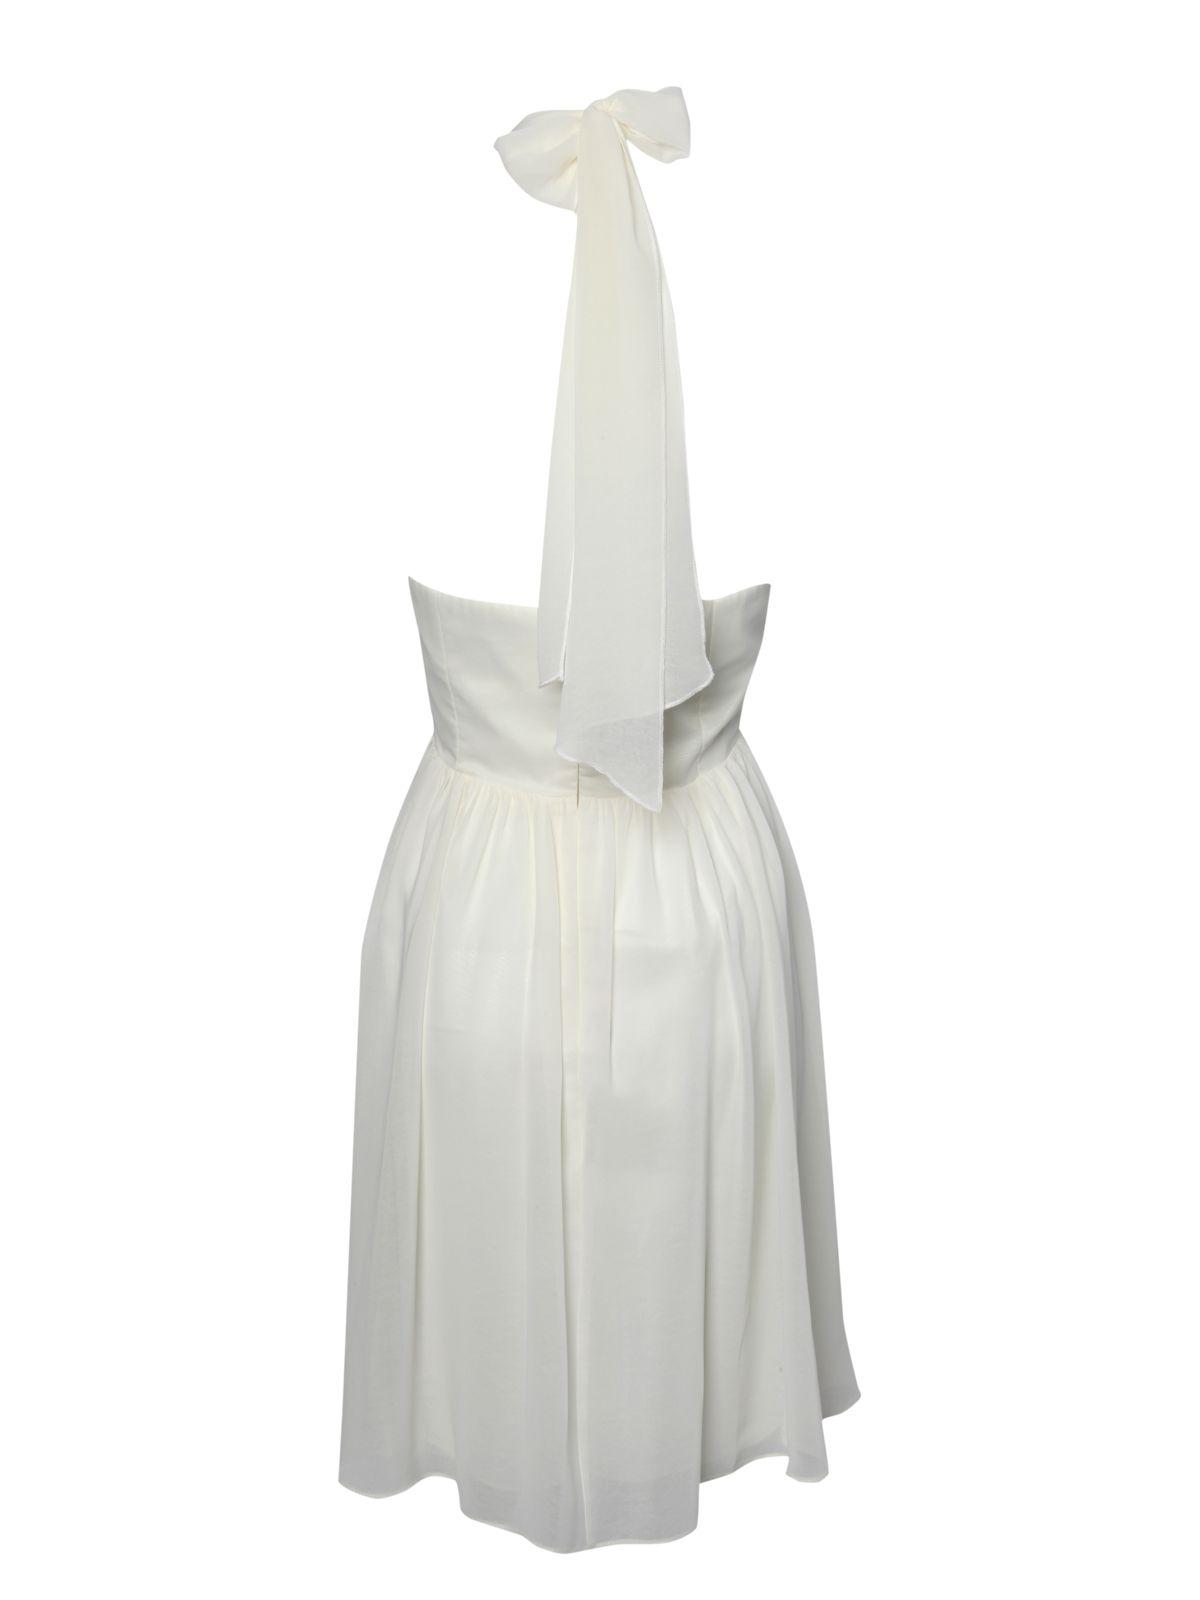 Berühmt Jane Norman Prom Kleider Galerie - Brautkleider Ideen ...